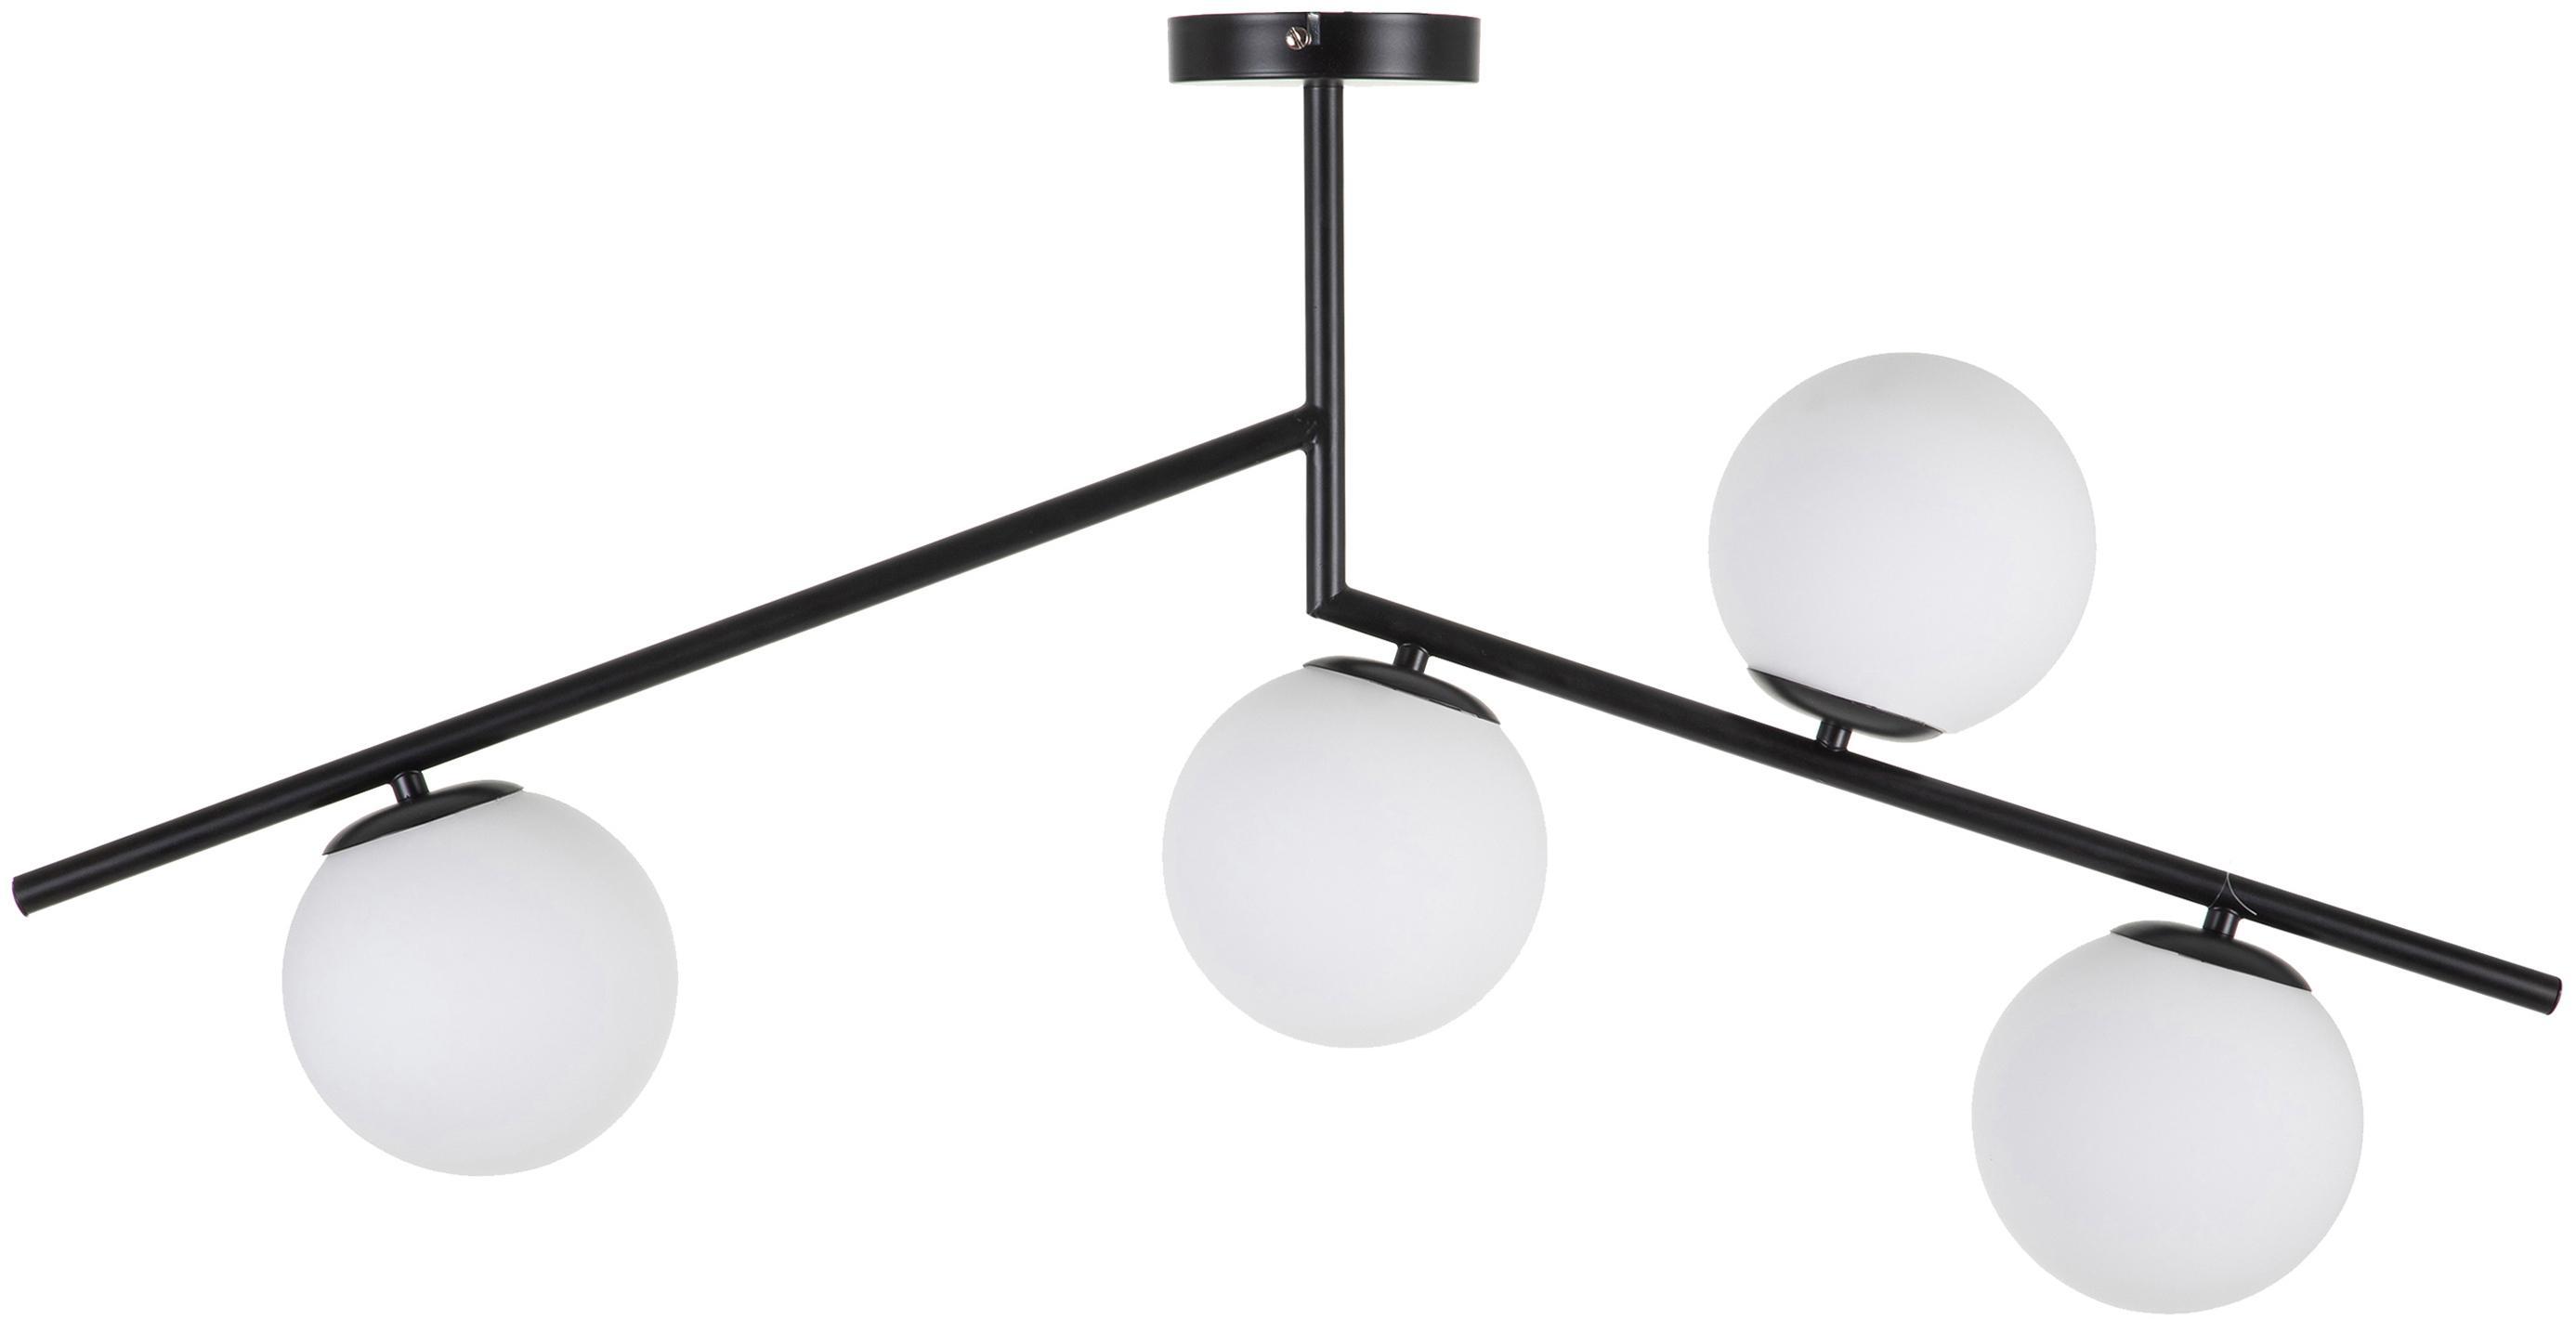 Lampada da soffitto Spheric, Metallo, vetro, Bianco con macchie nere, Larg. 15 x Prof. 98 cm